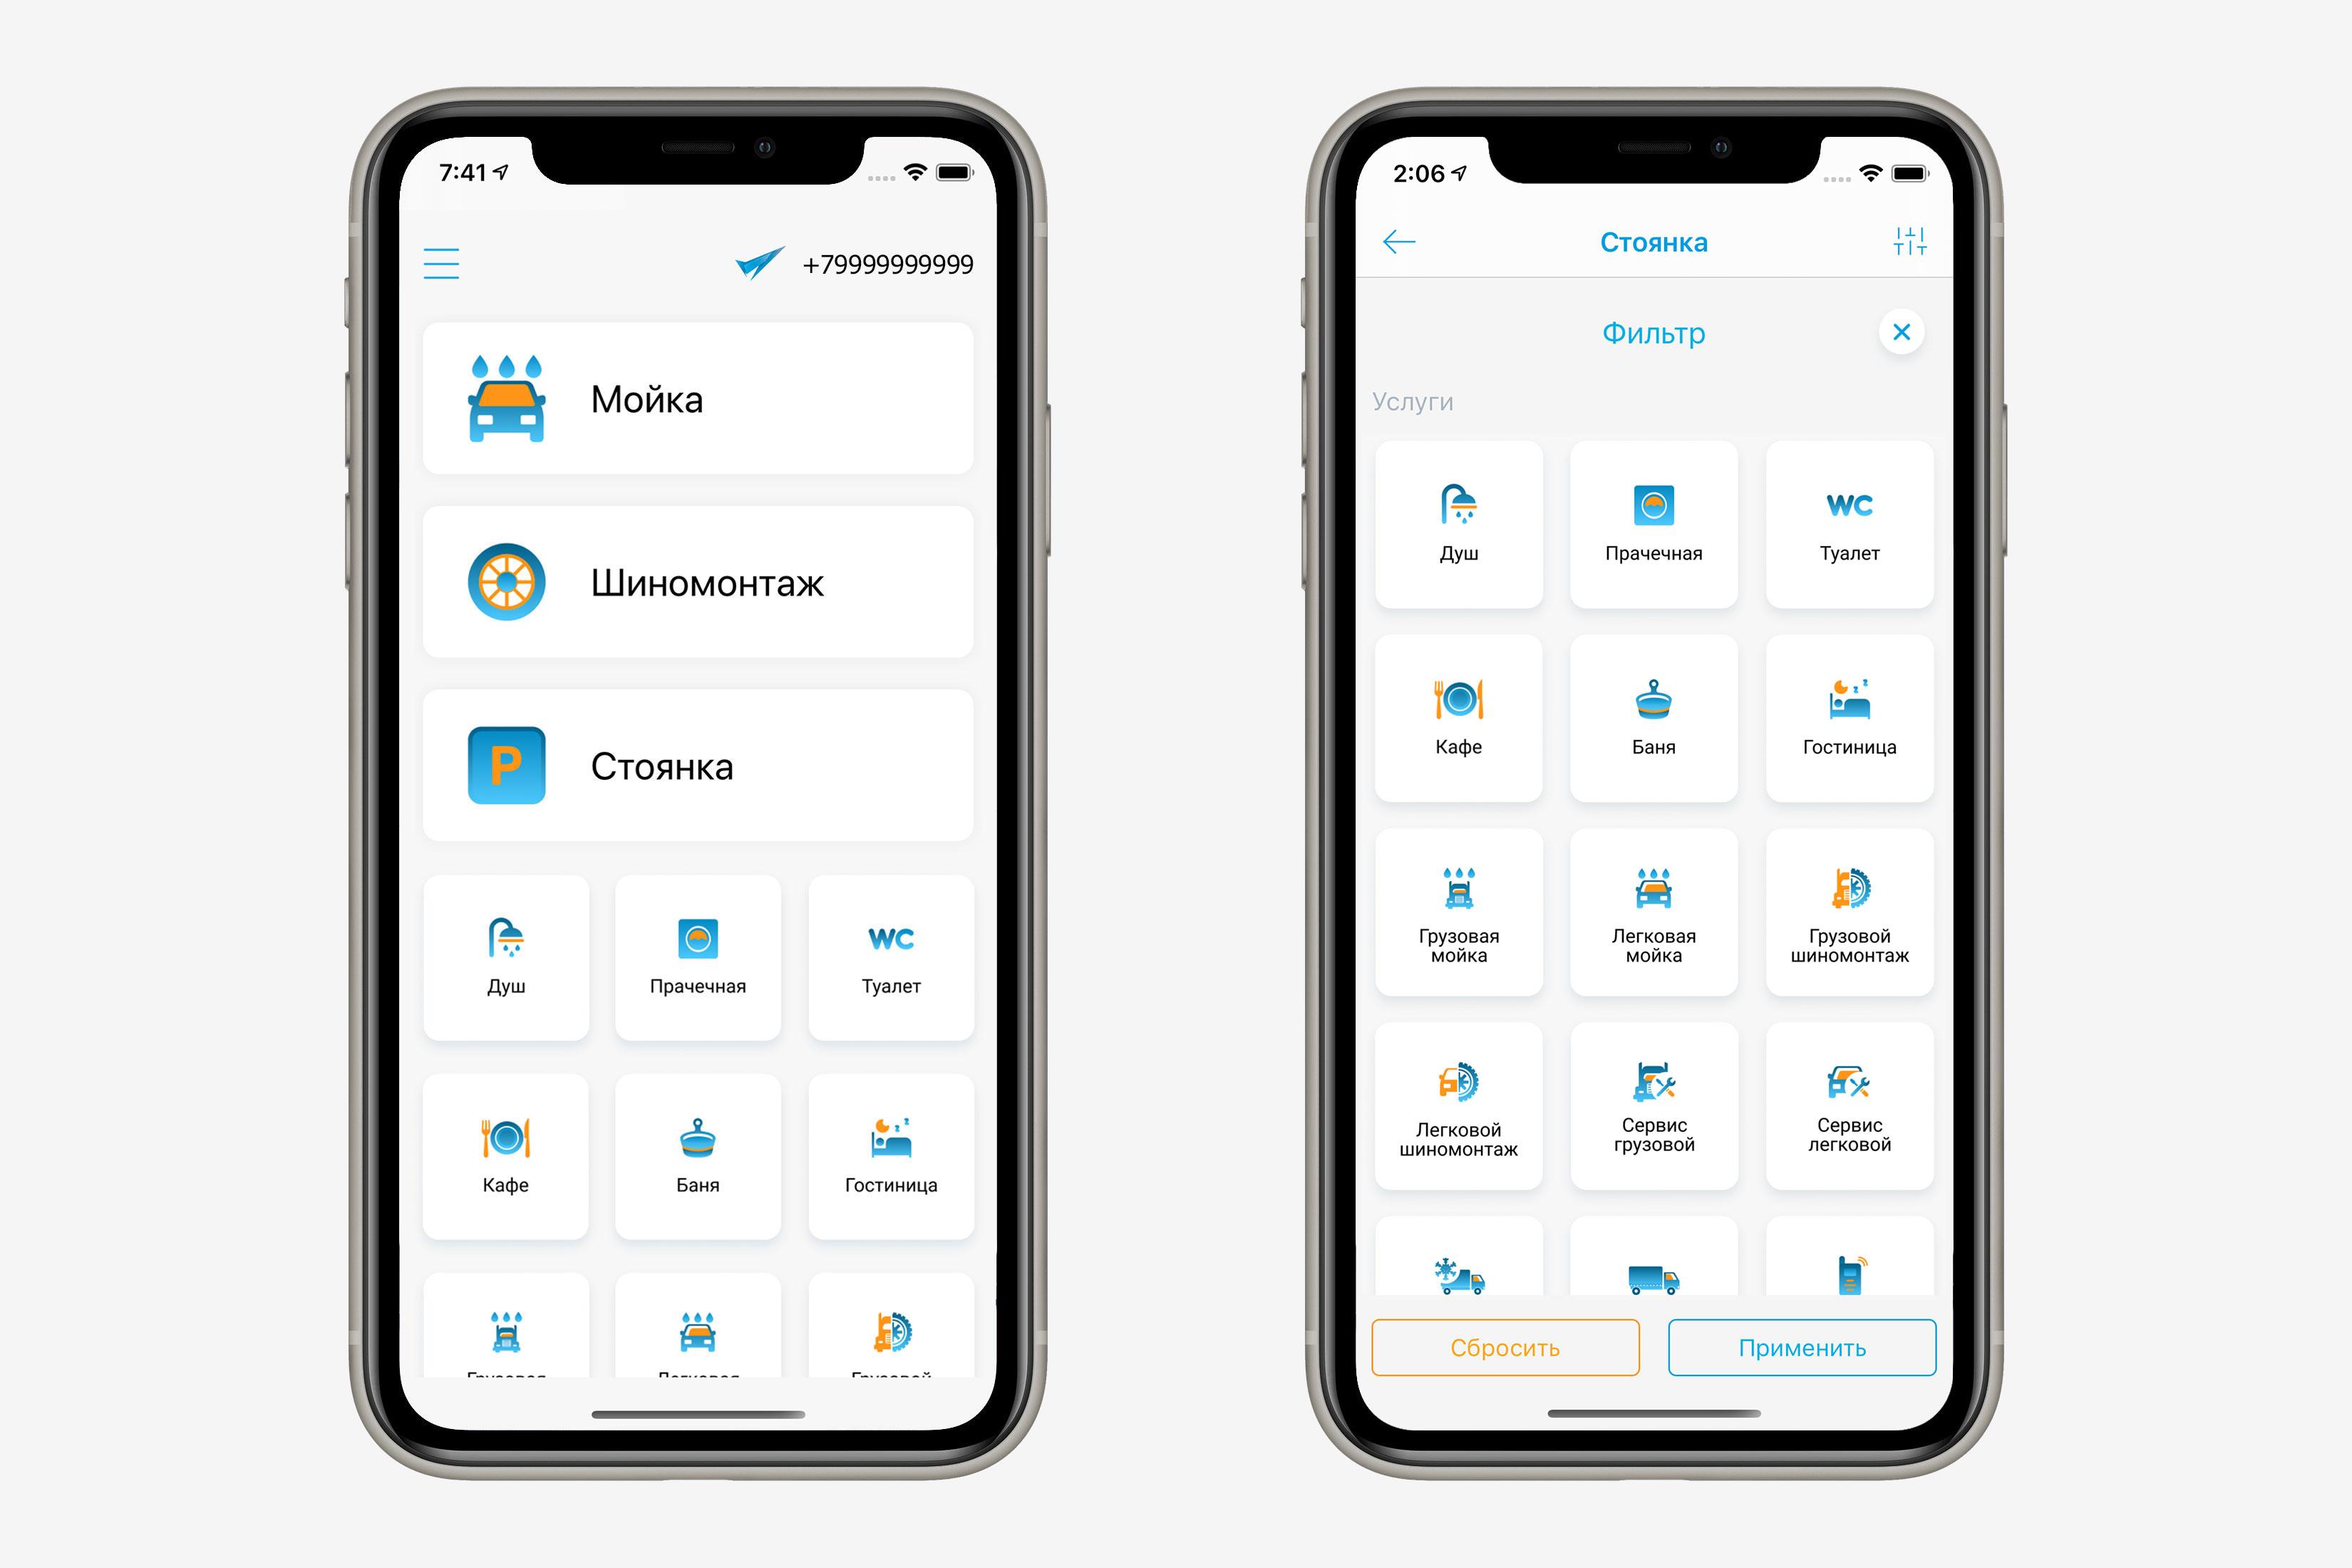 Система загрузки и кэширования изображений в iOS